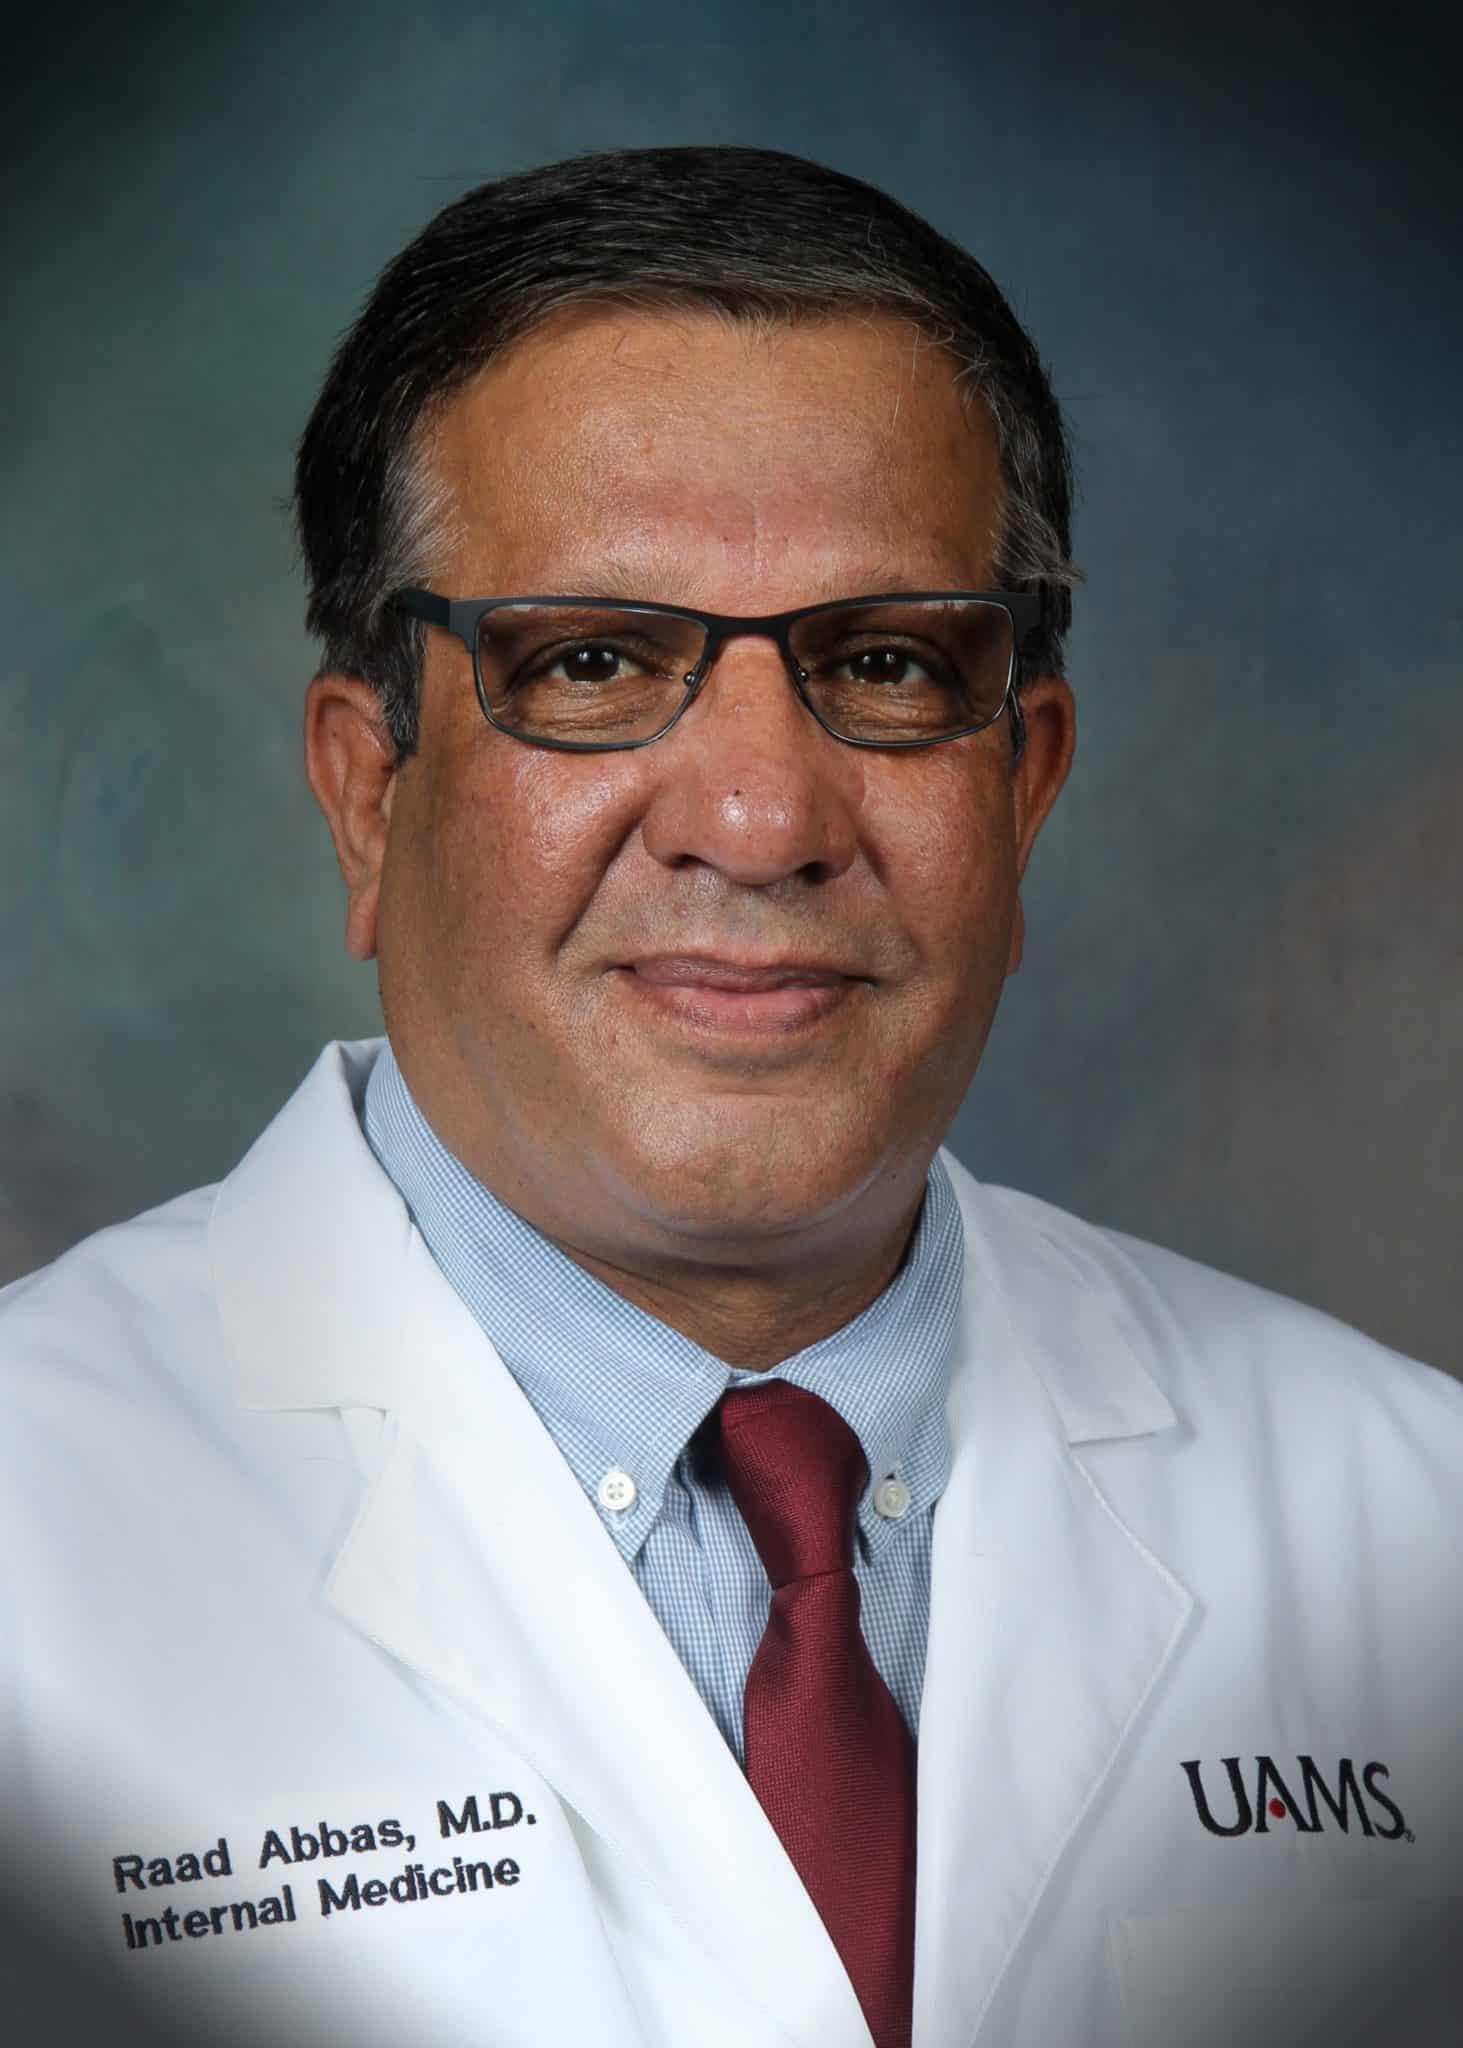 Abbas Raad, M.D.